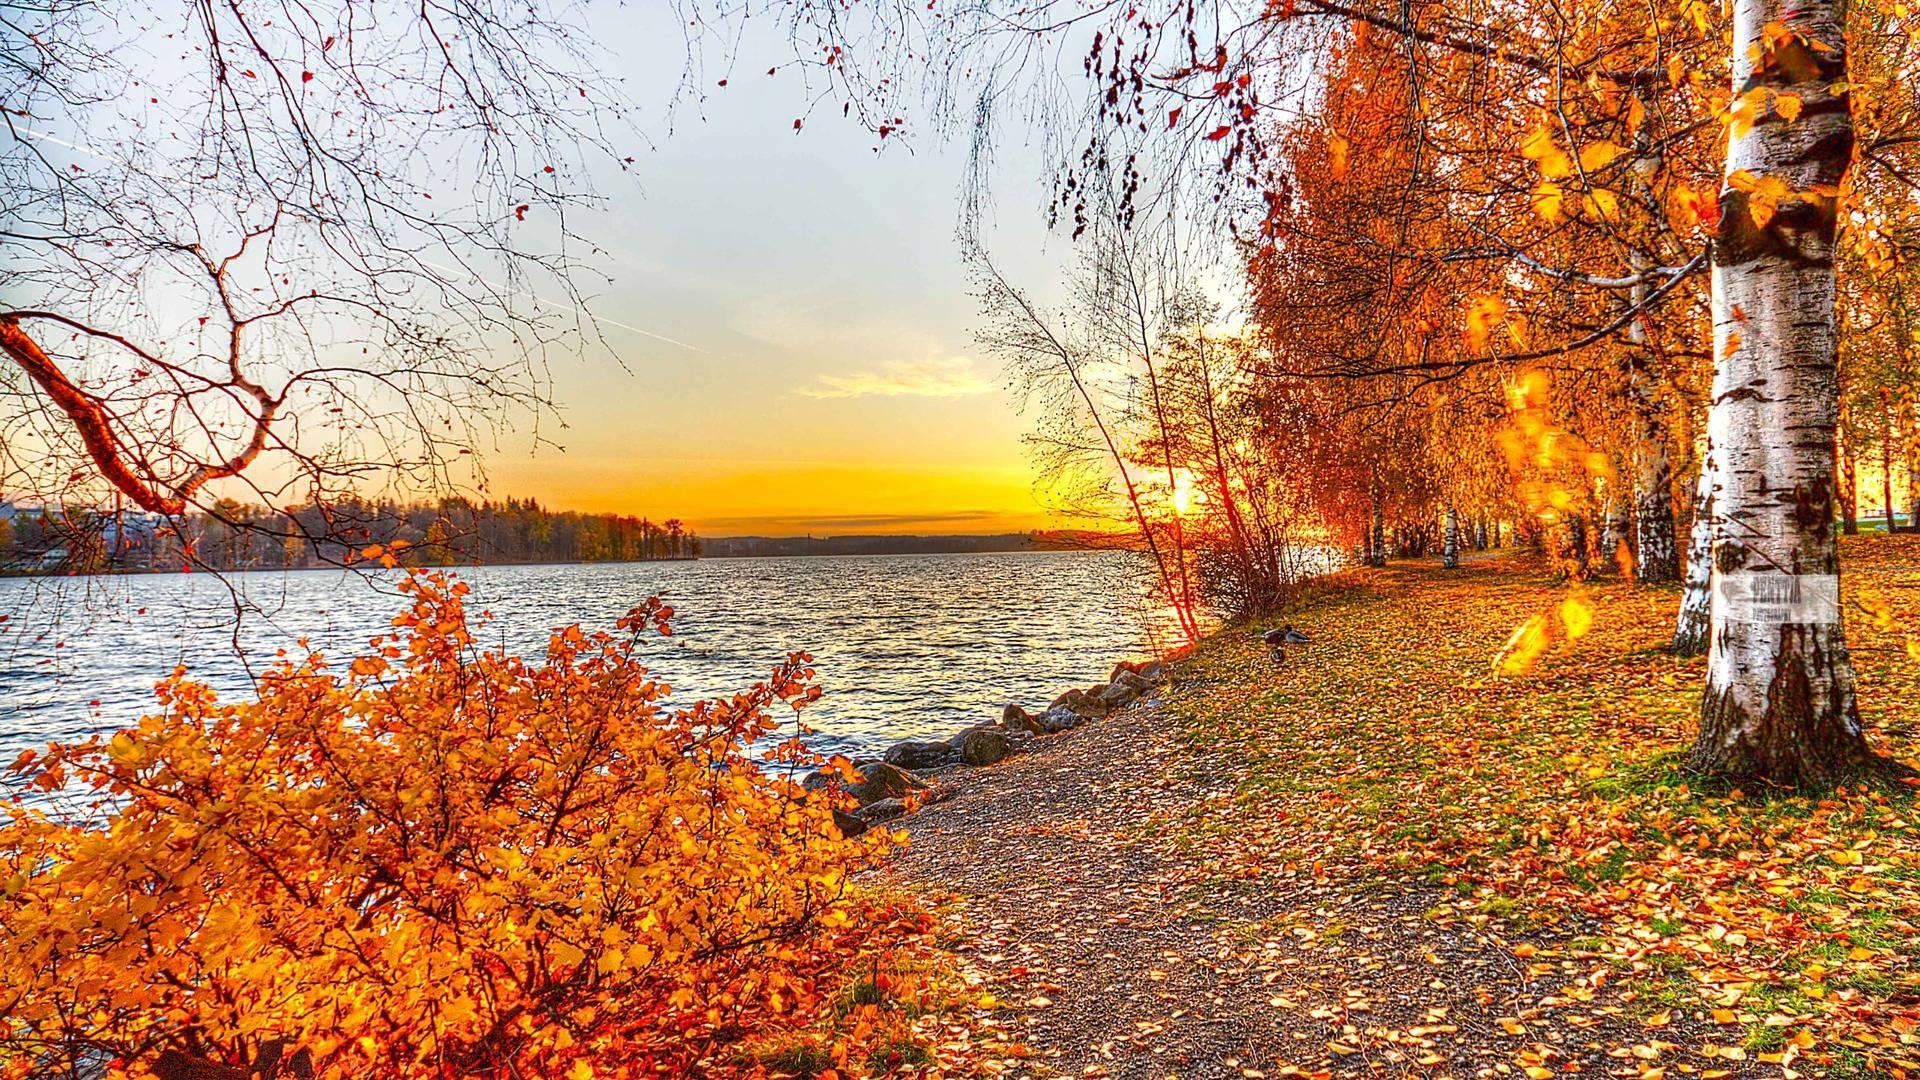 Autumn Landscape wallpaper – 819446